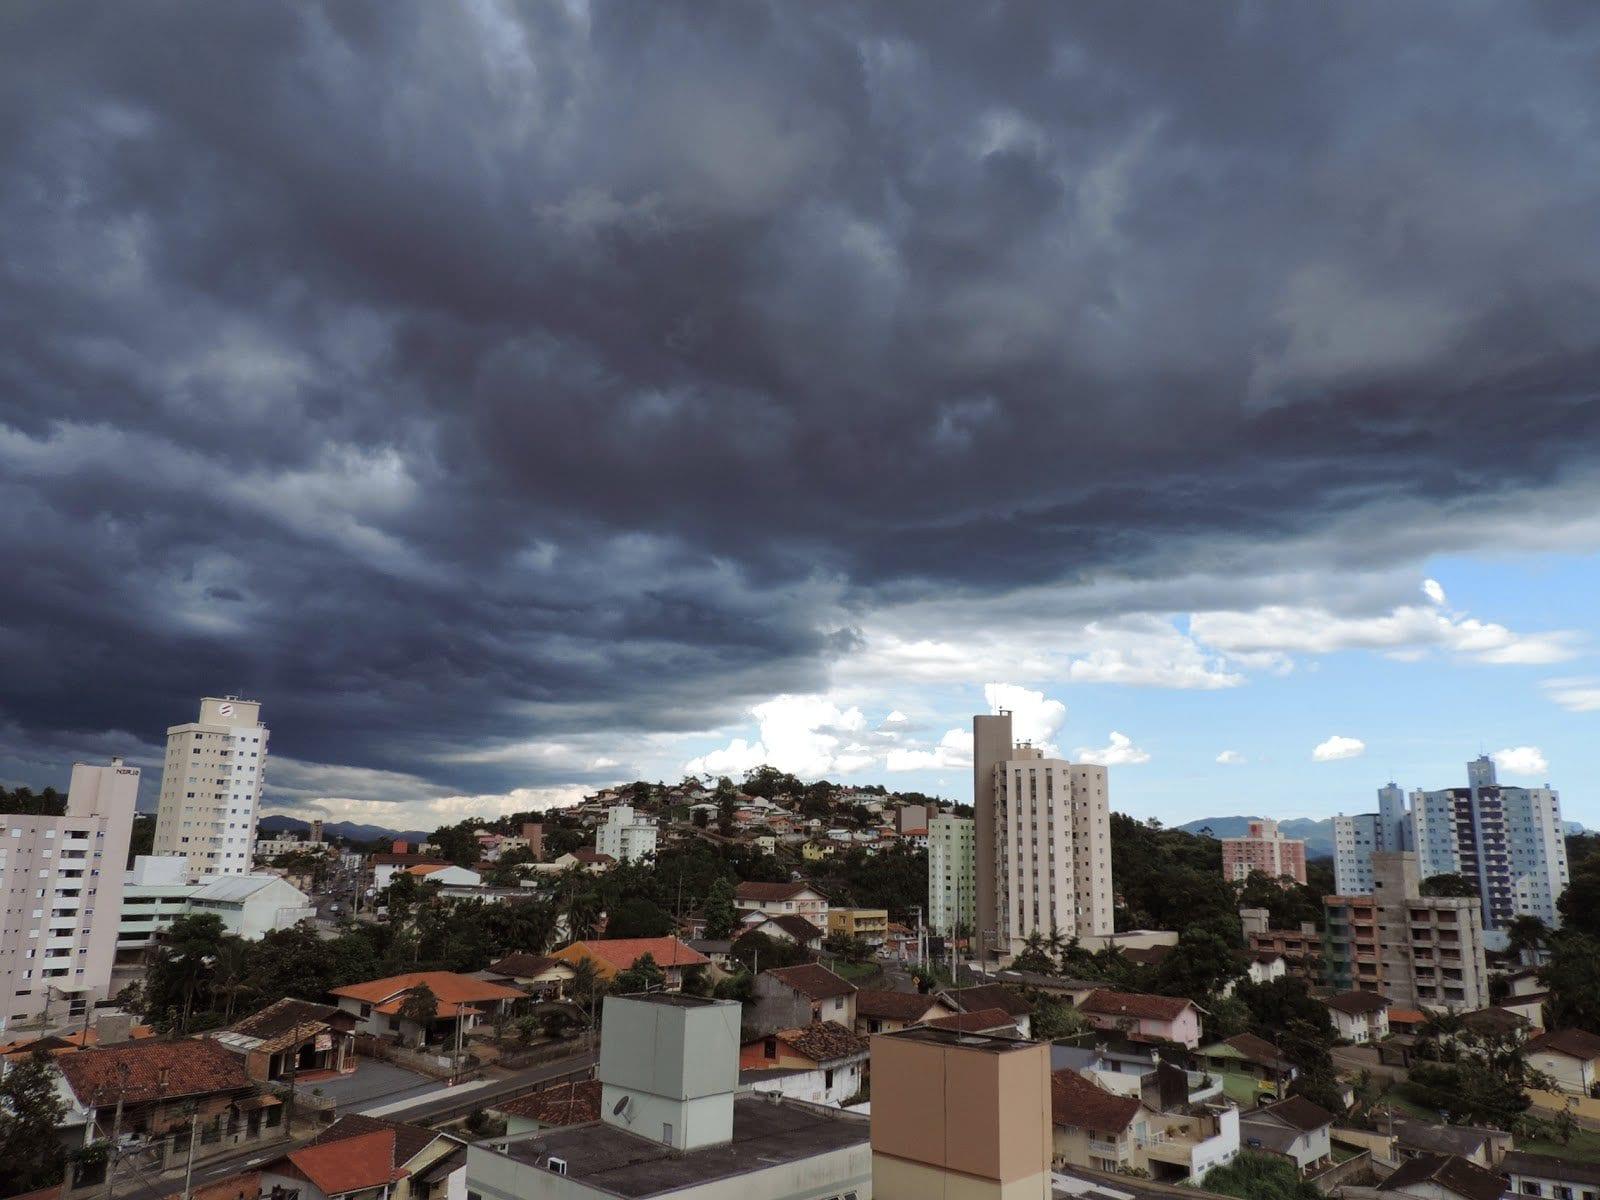 Temperatura pode bater 39ºC e ter temporal durante noite (Jaime Batista)